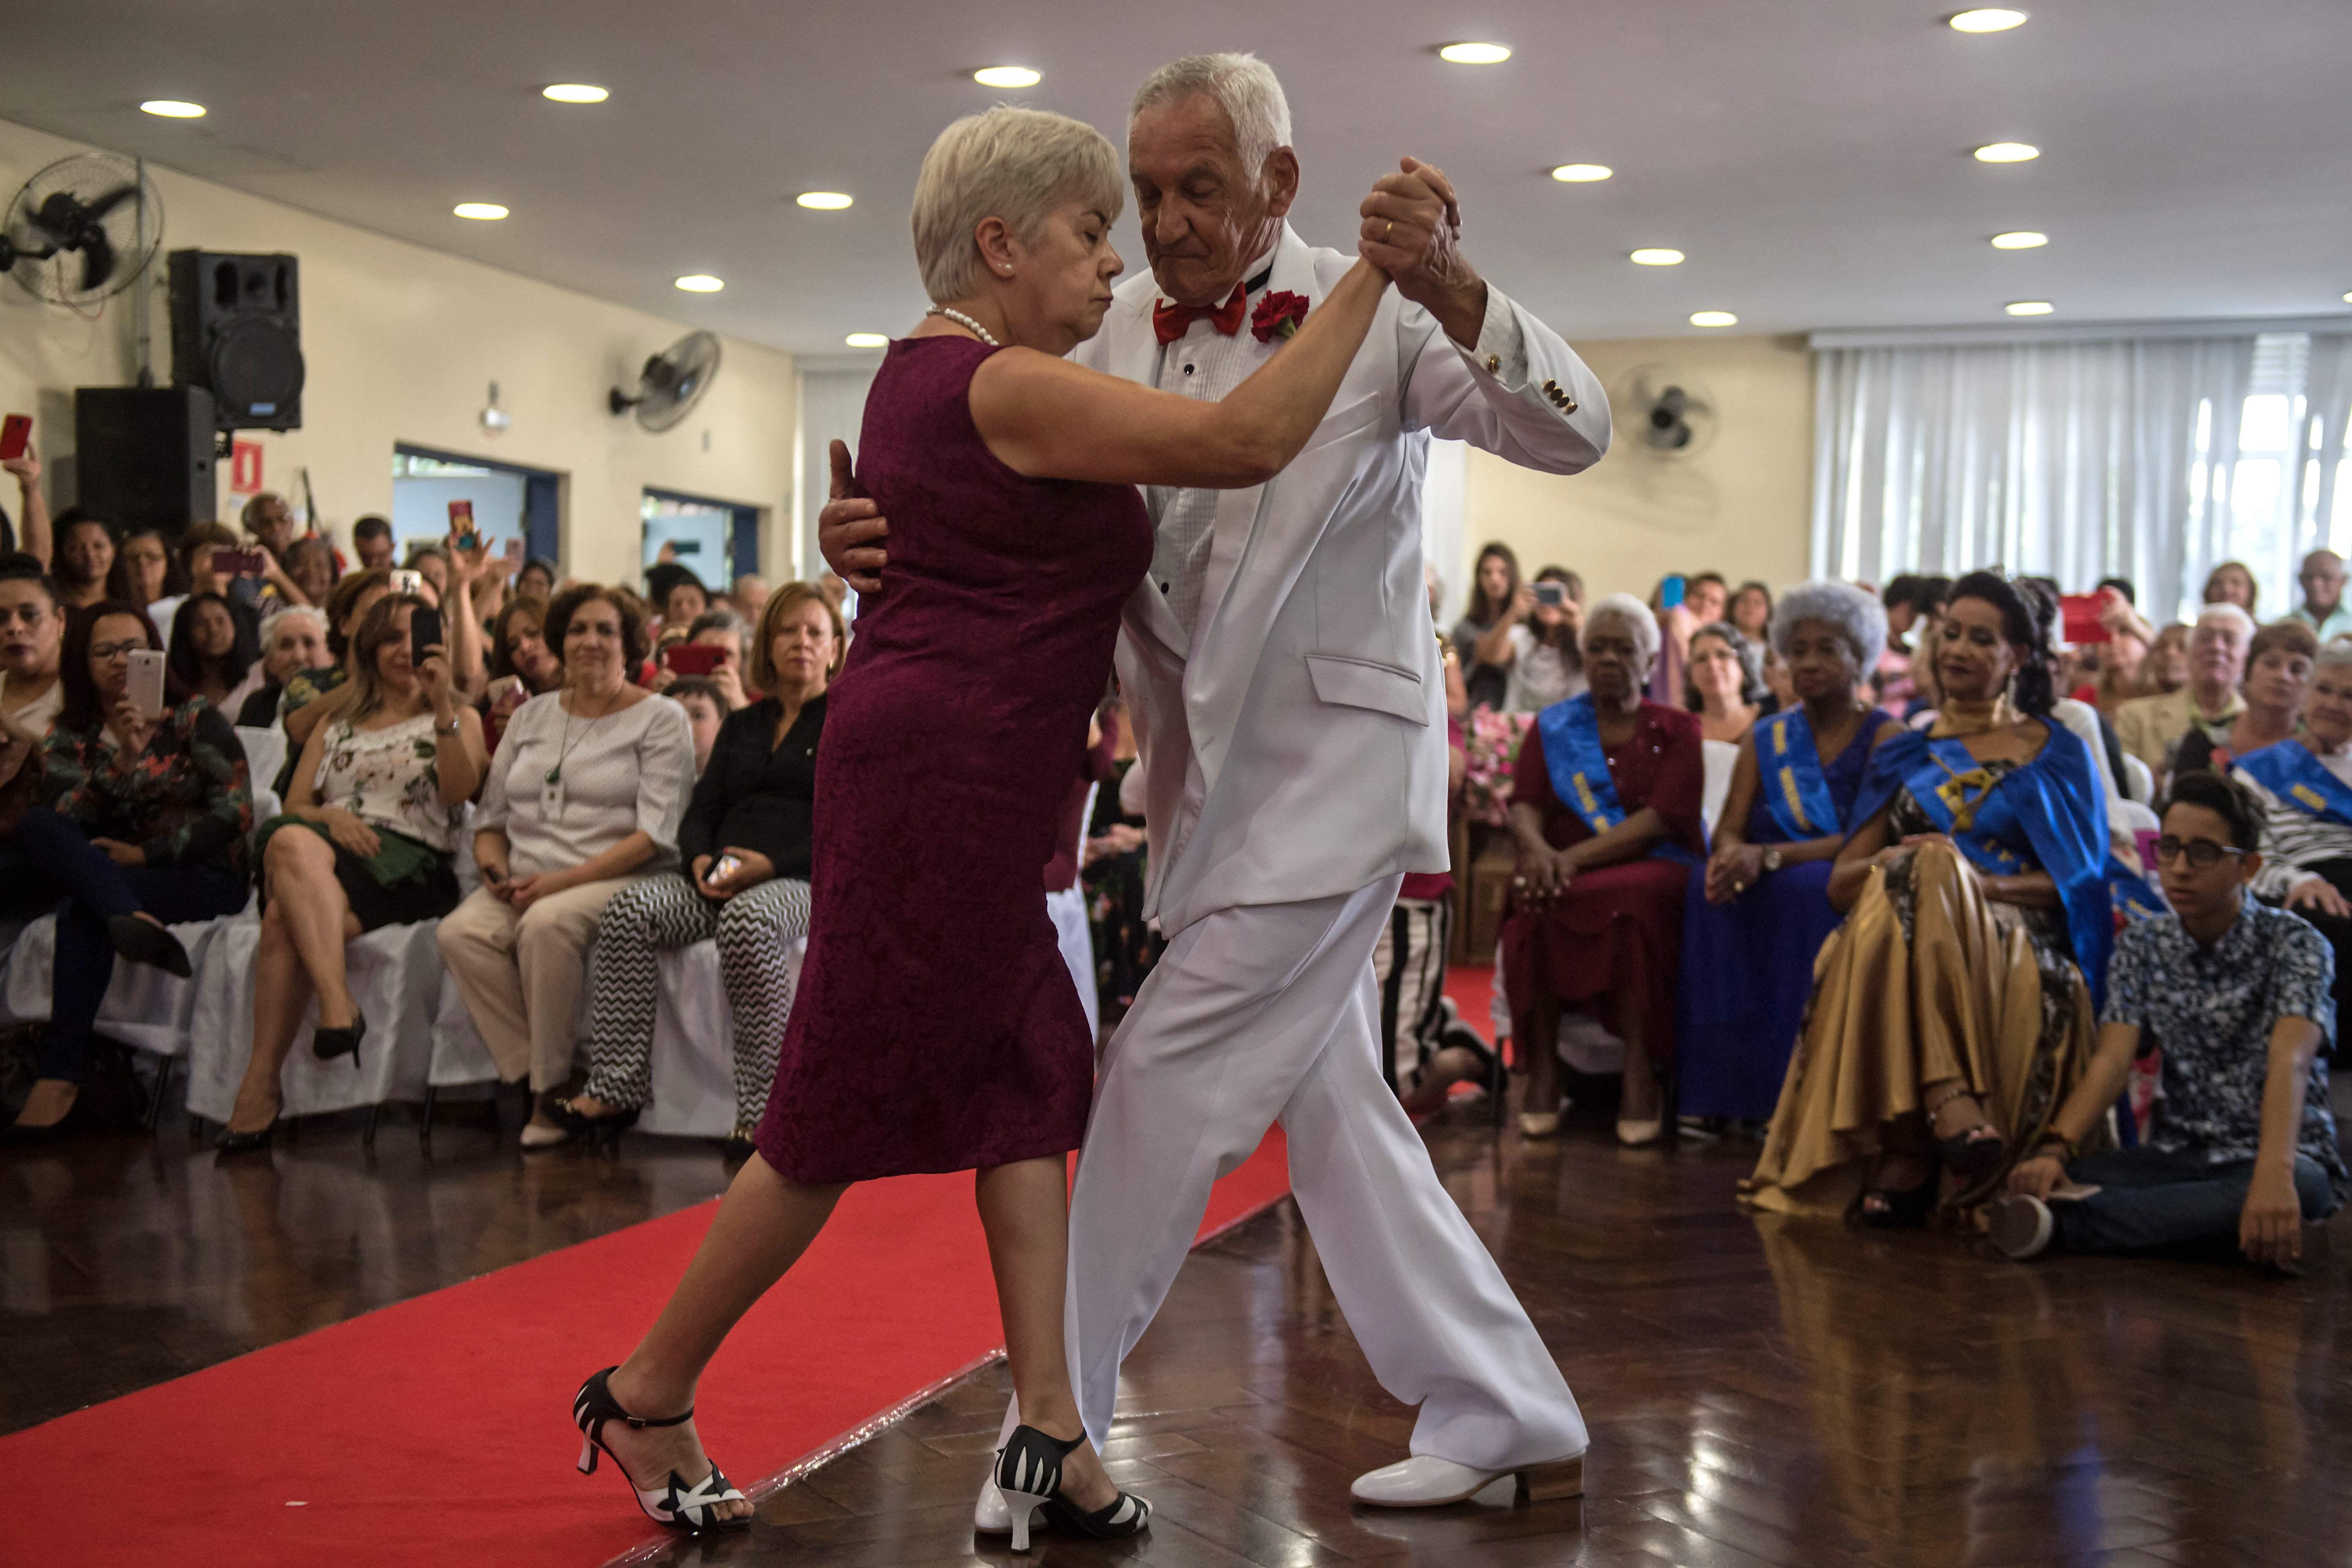 رجل وزوجته يرقصان خلال الحفل